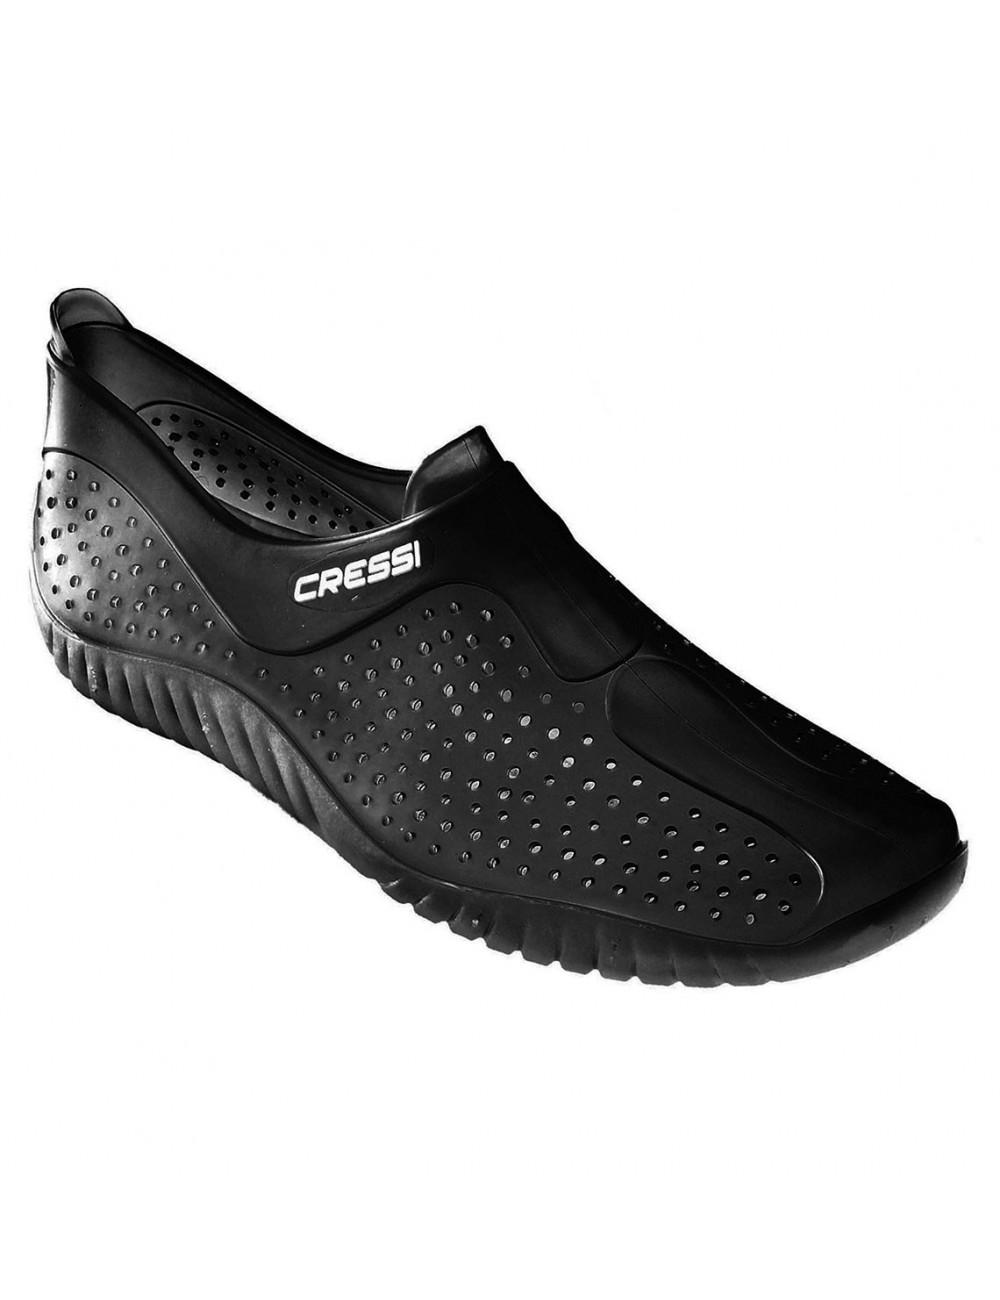 zapatilla cressi antideslizante negro  Zapatillas cressi integrales que  protegen totalmente el pie be033e6315b